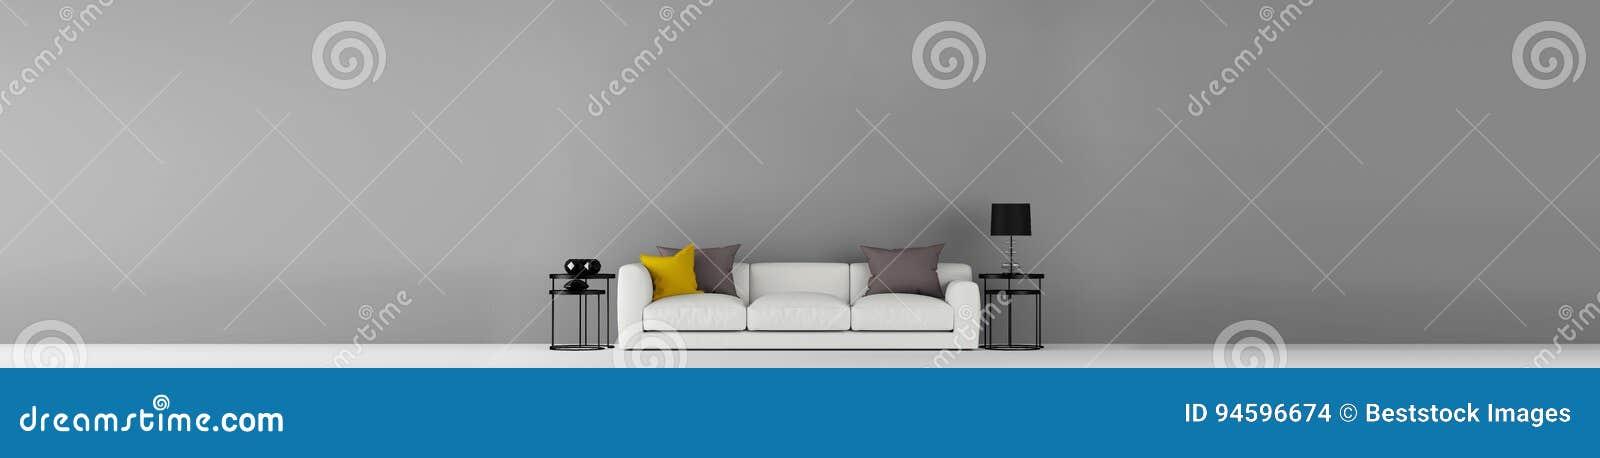 Высокая разрешения стена широко серая пустая с иллюстрацией мебели 3d